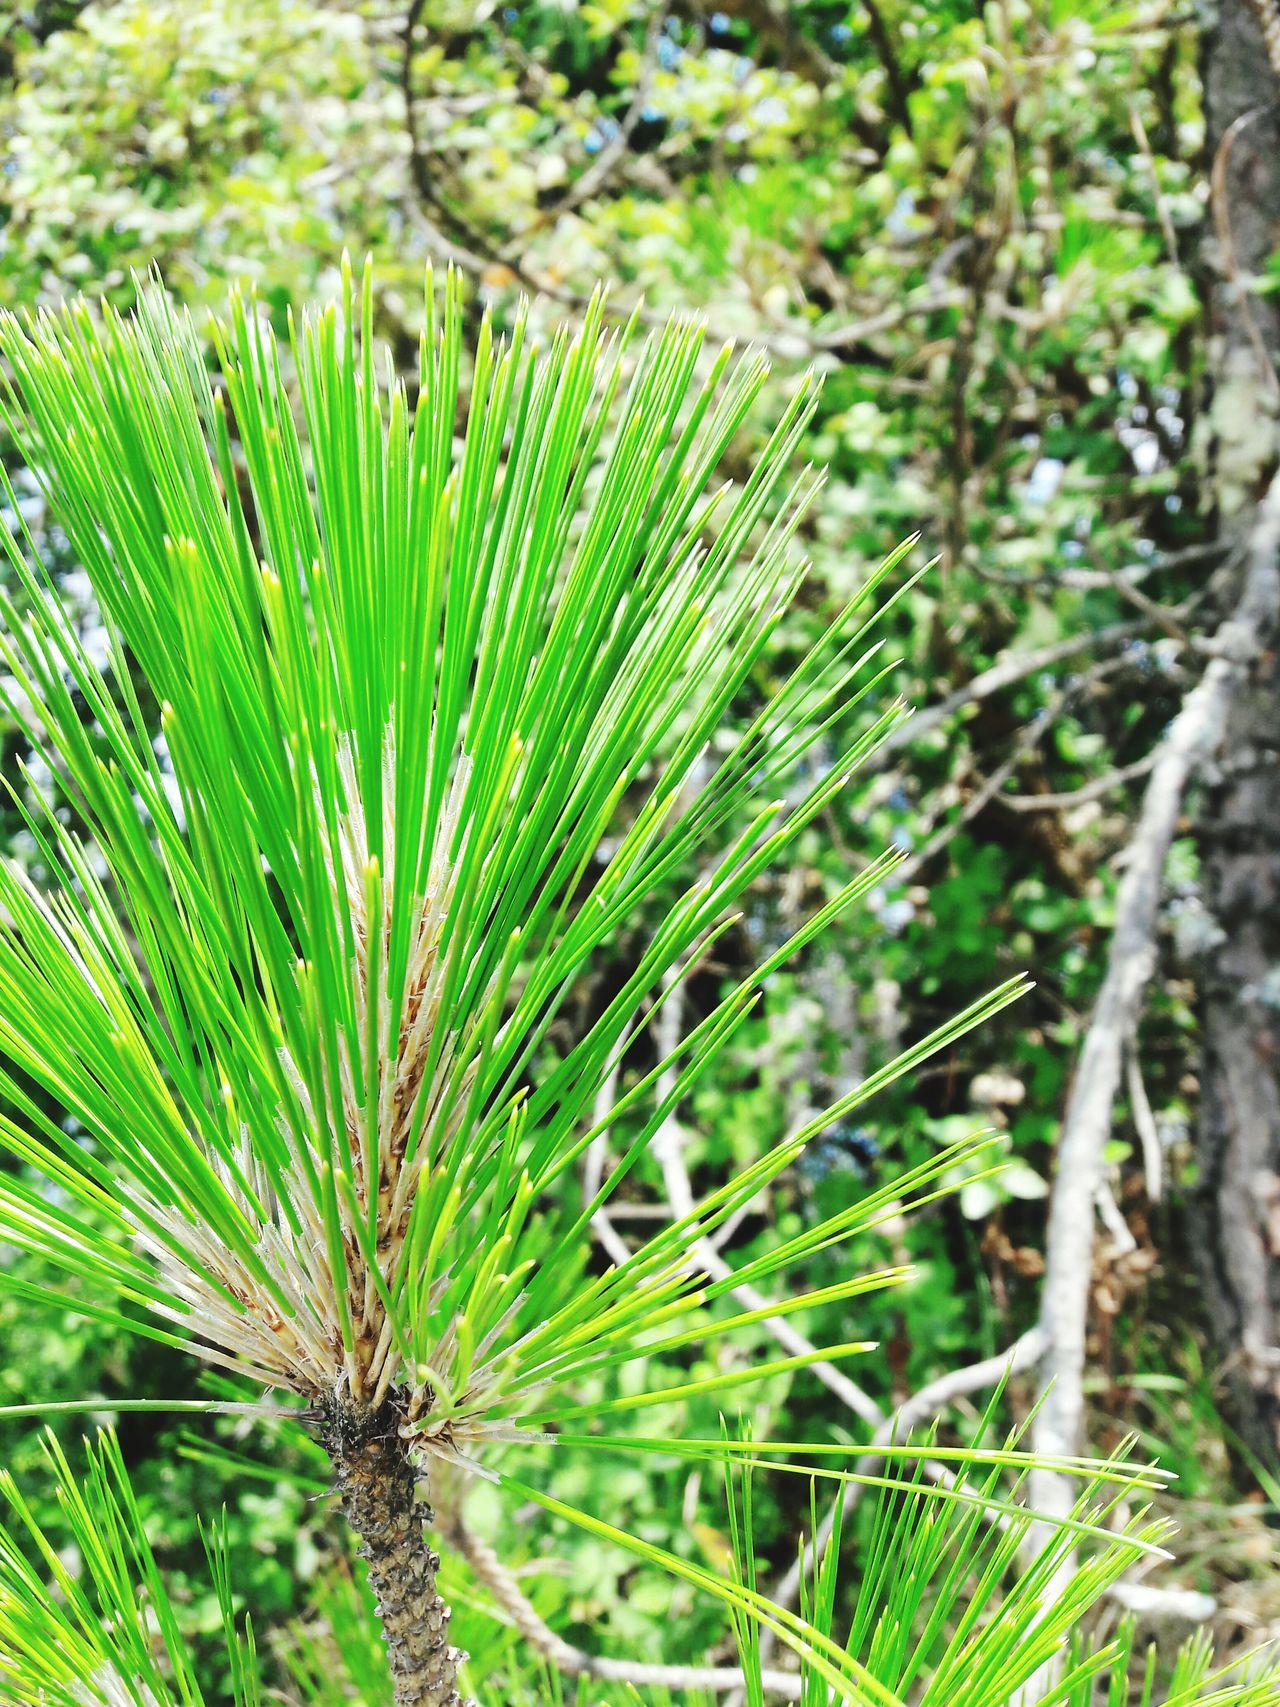 A close shot Close Shot Green Leaf Day Time